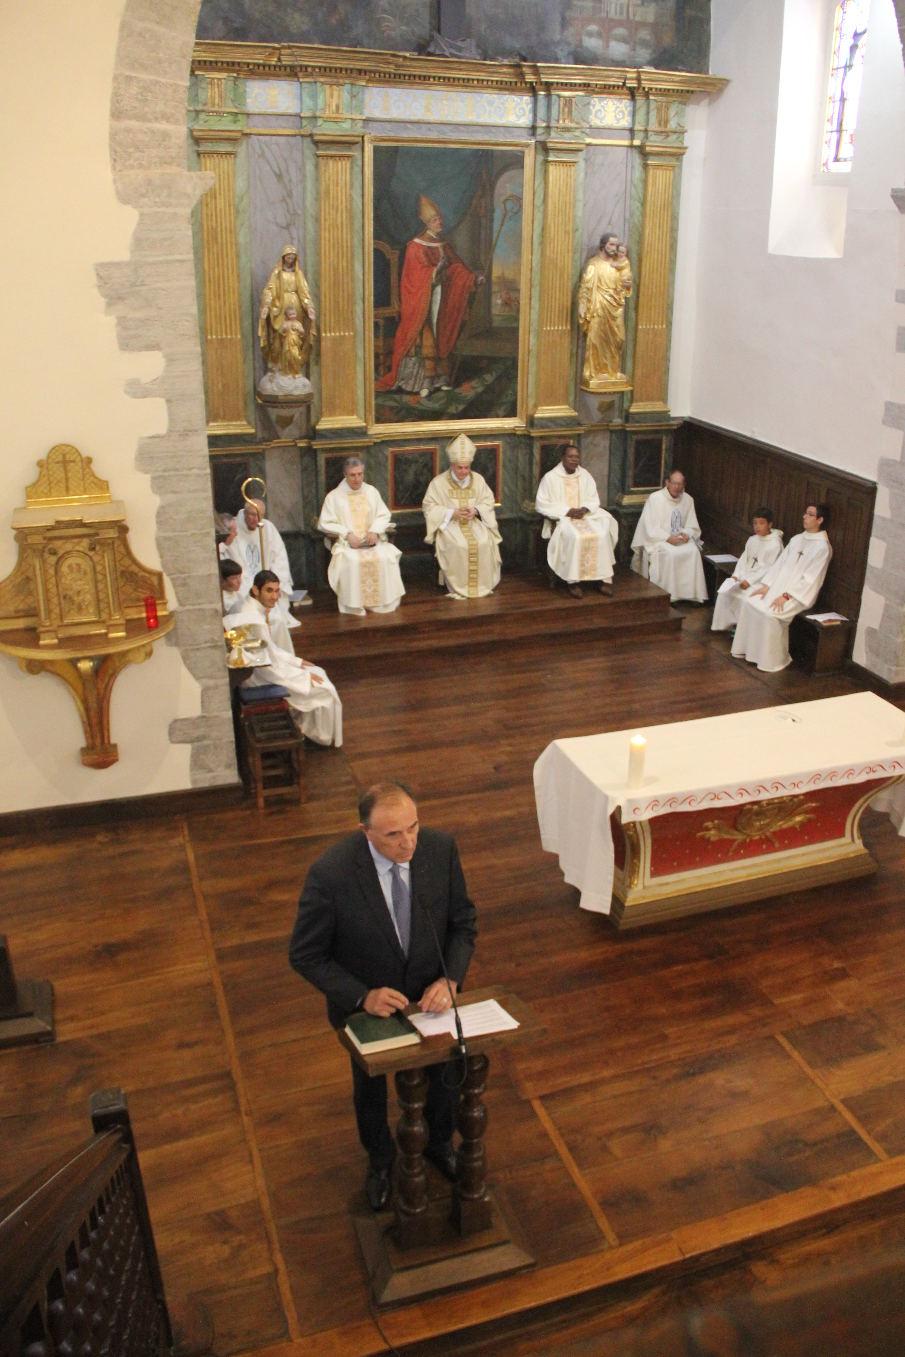 M. Hiriat, le Maire, a reçu ici tous les sacrements chrétiens. Il est fidèle à la messe dominicale. Il espère y être aussi accueilli lorsqu'il quittera ce monde. Il a relevé que ce 18 juin est plusieurs fois historique !